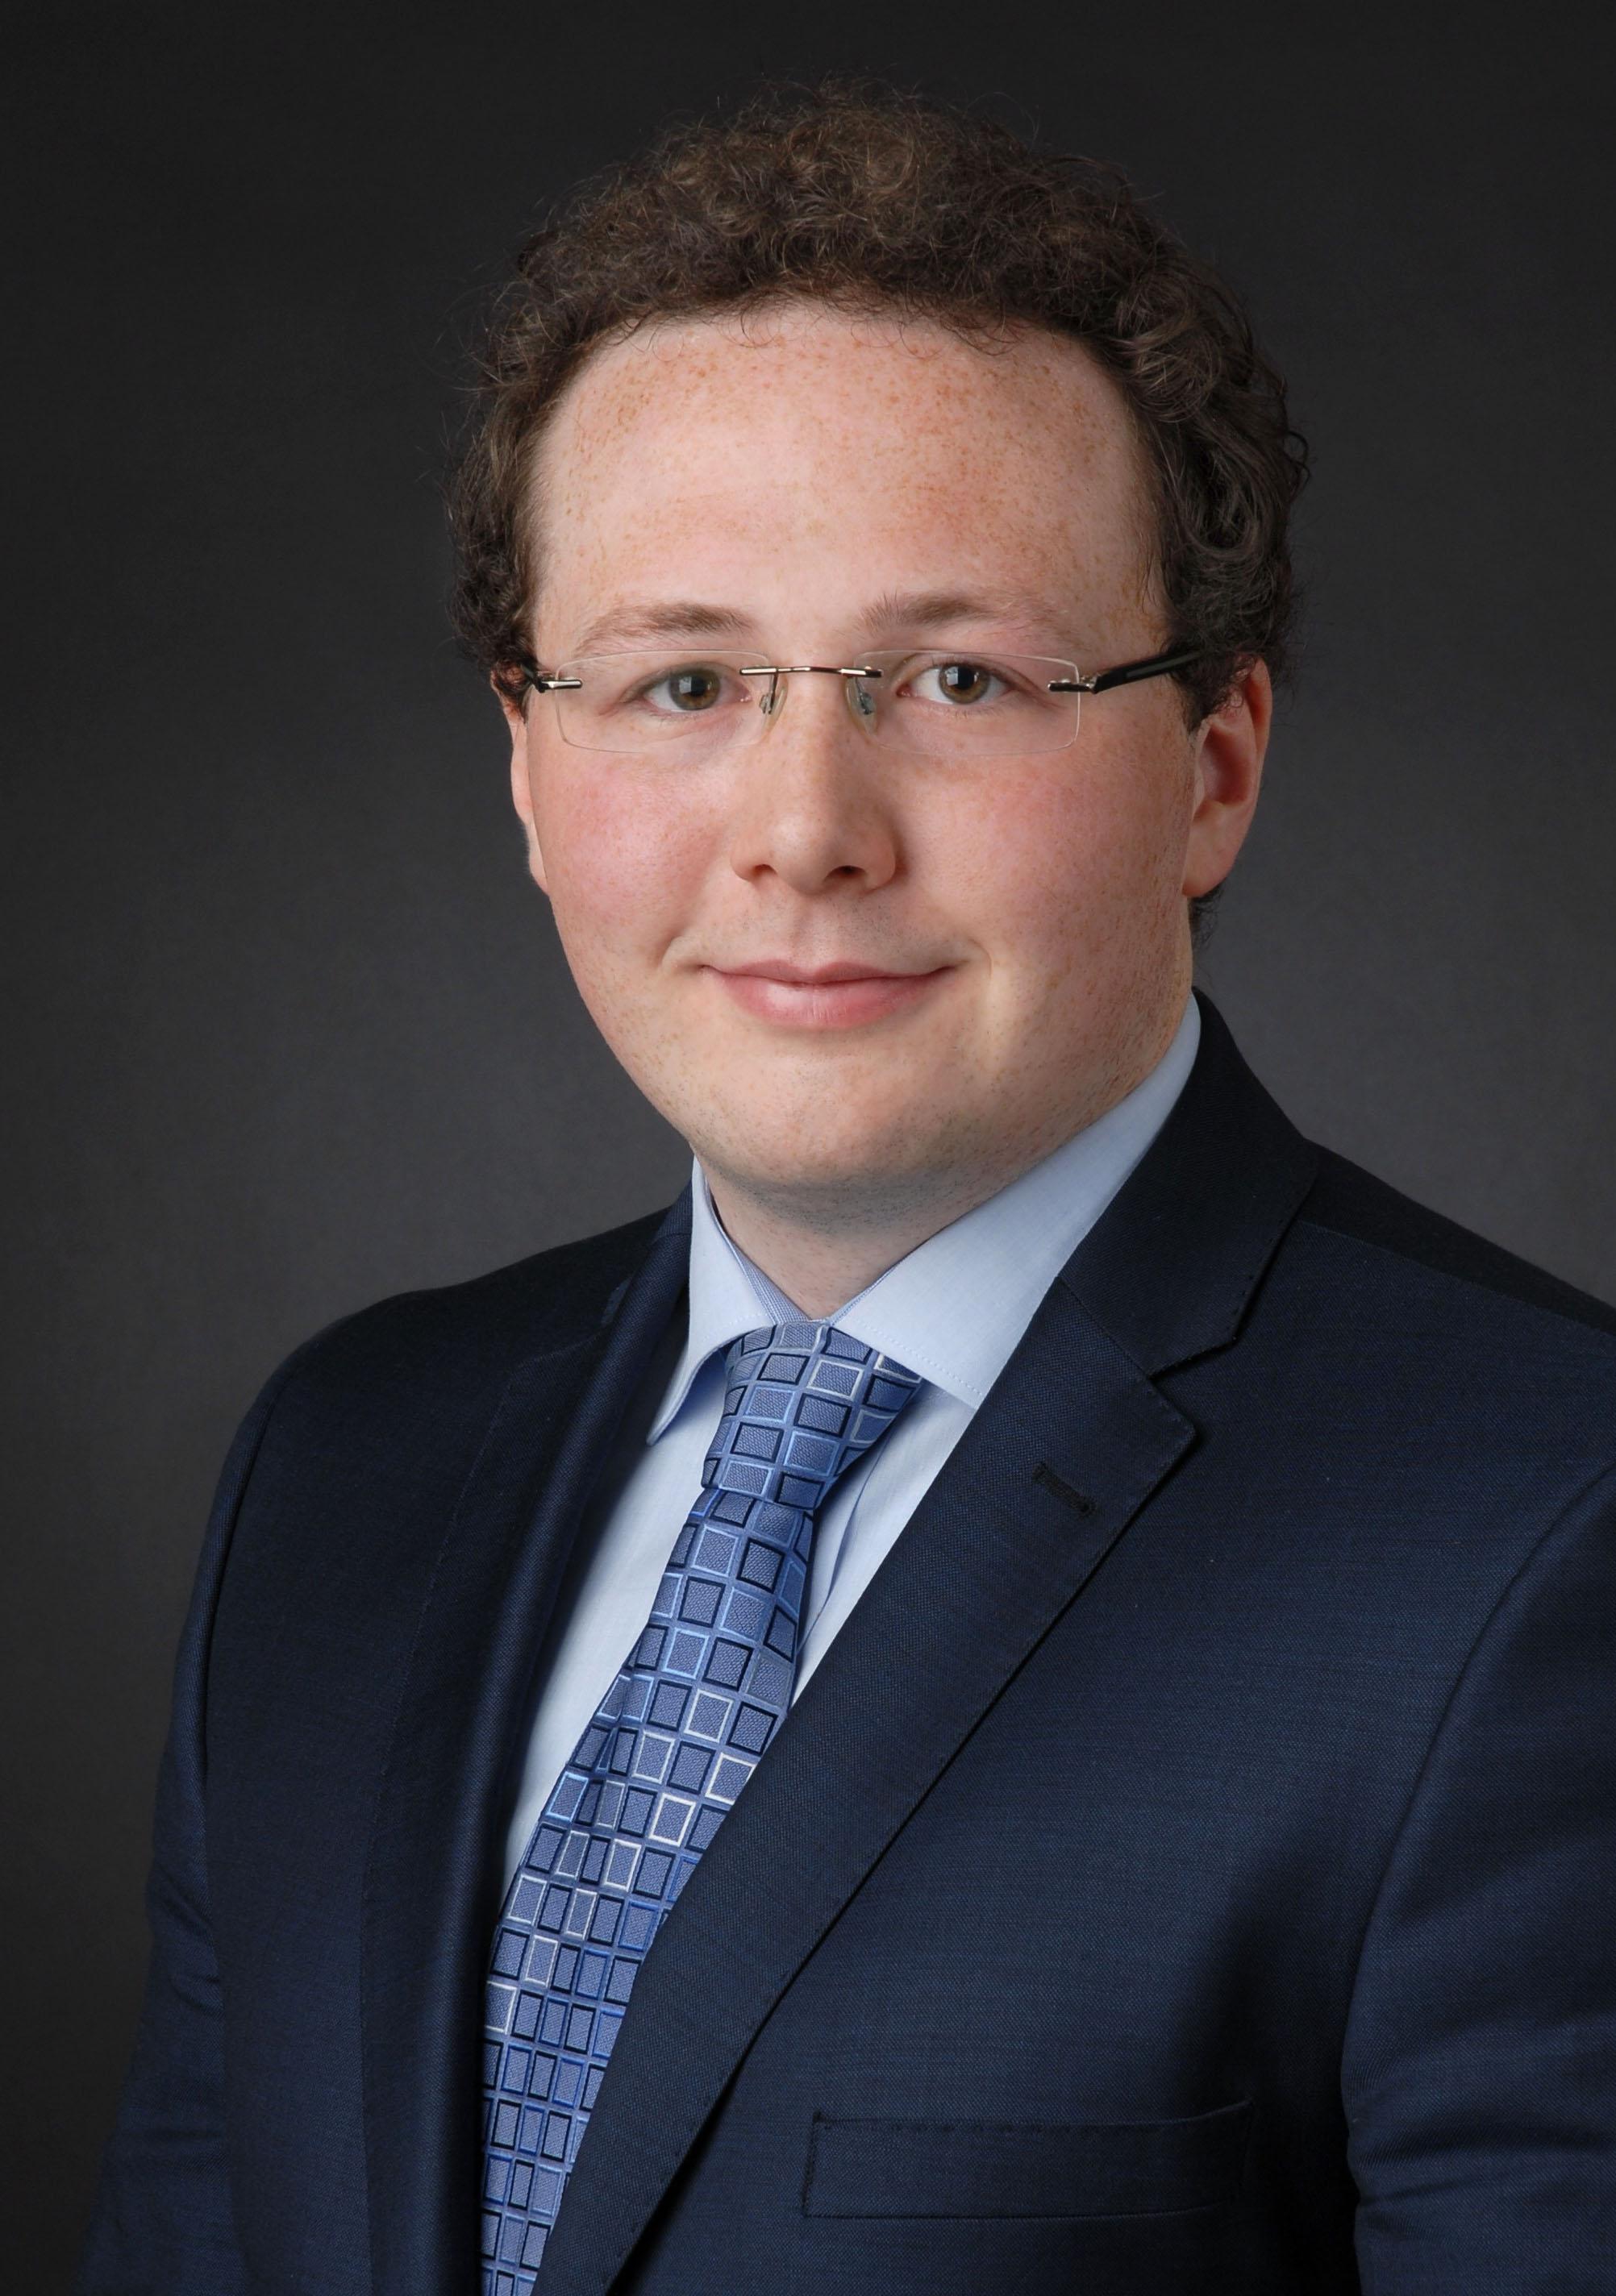 Benedikt Huerter